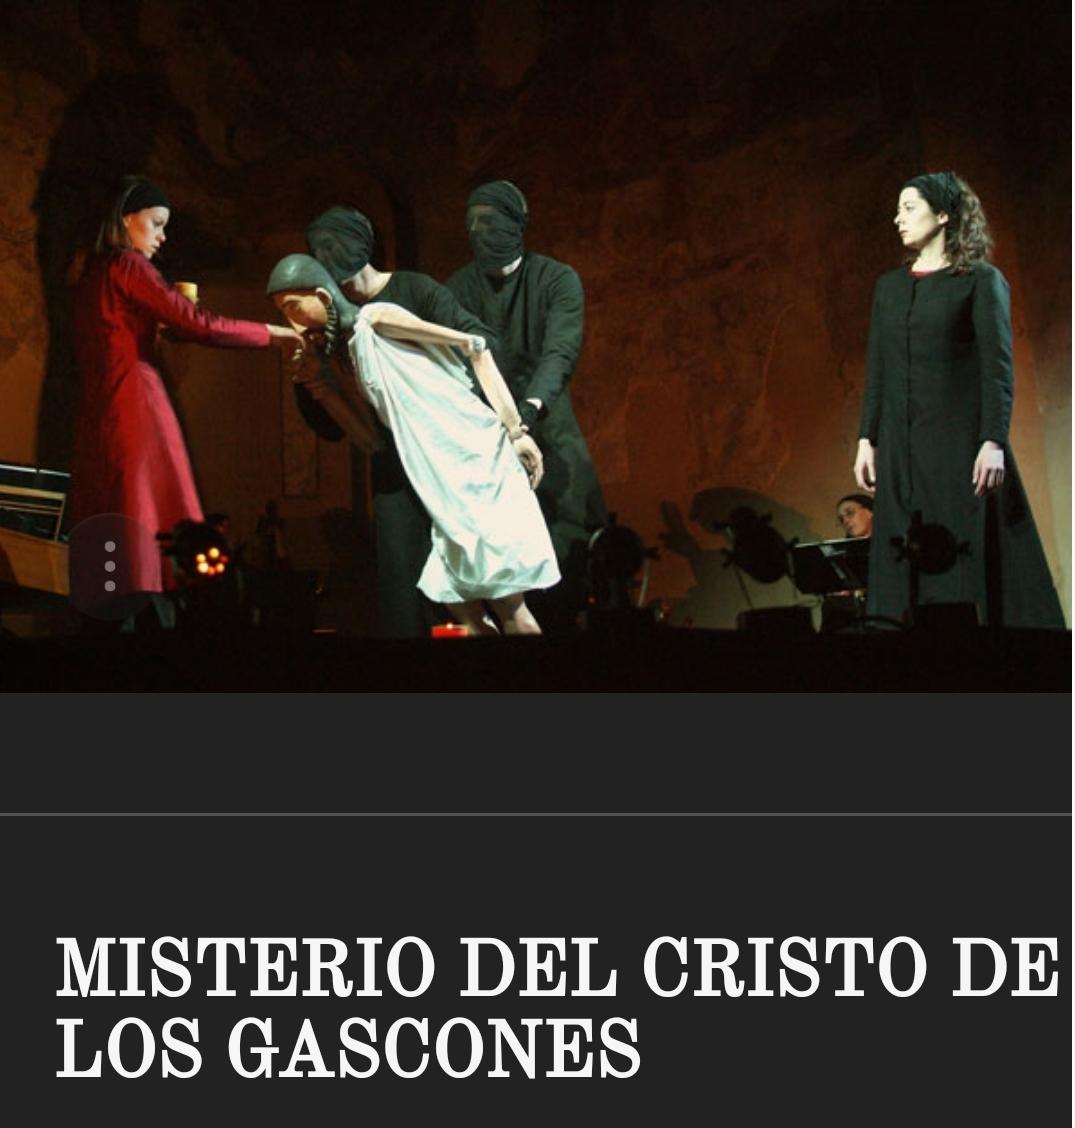 El misterio del cristo de los gascones. Segovia.